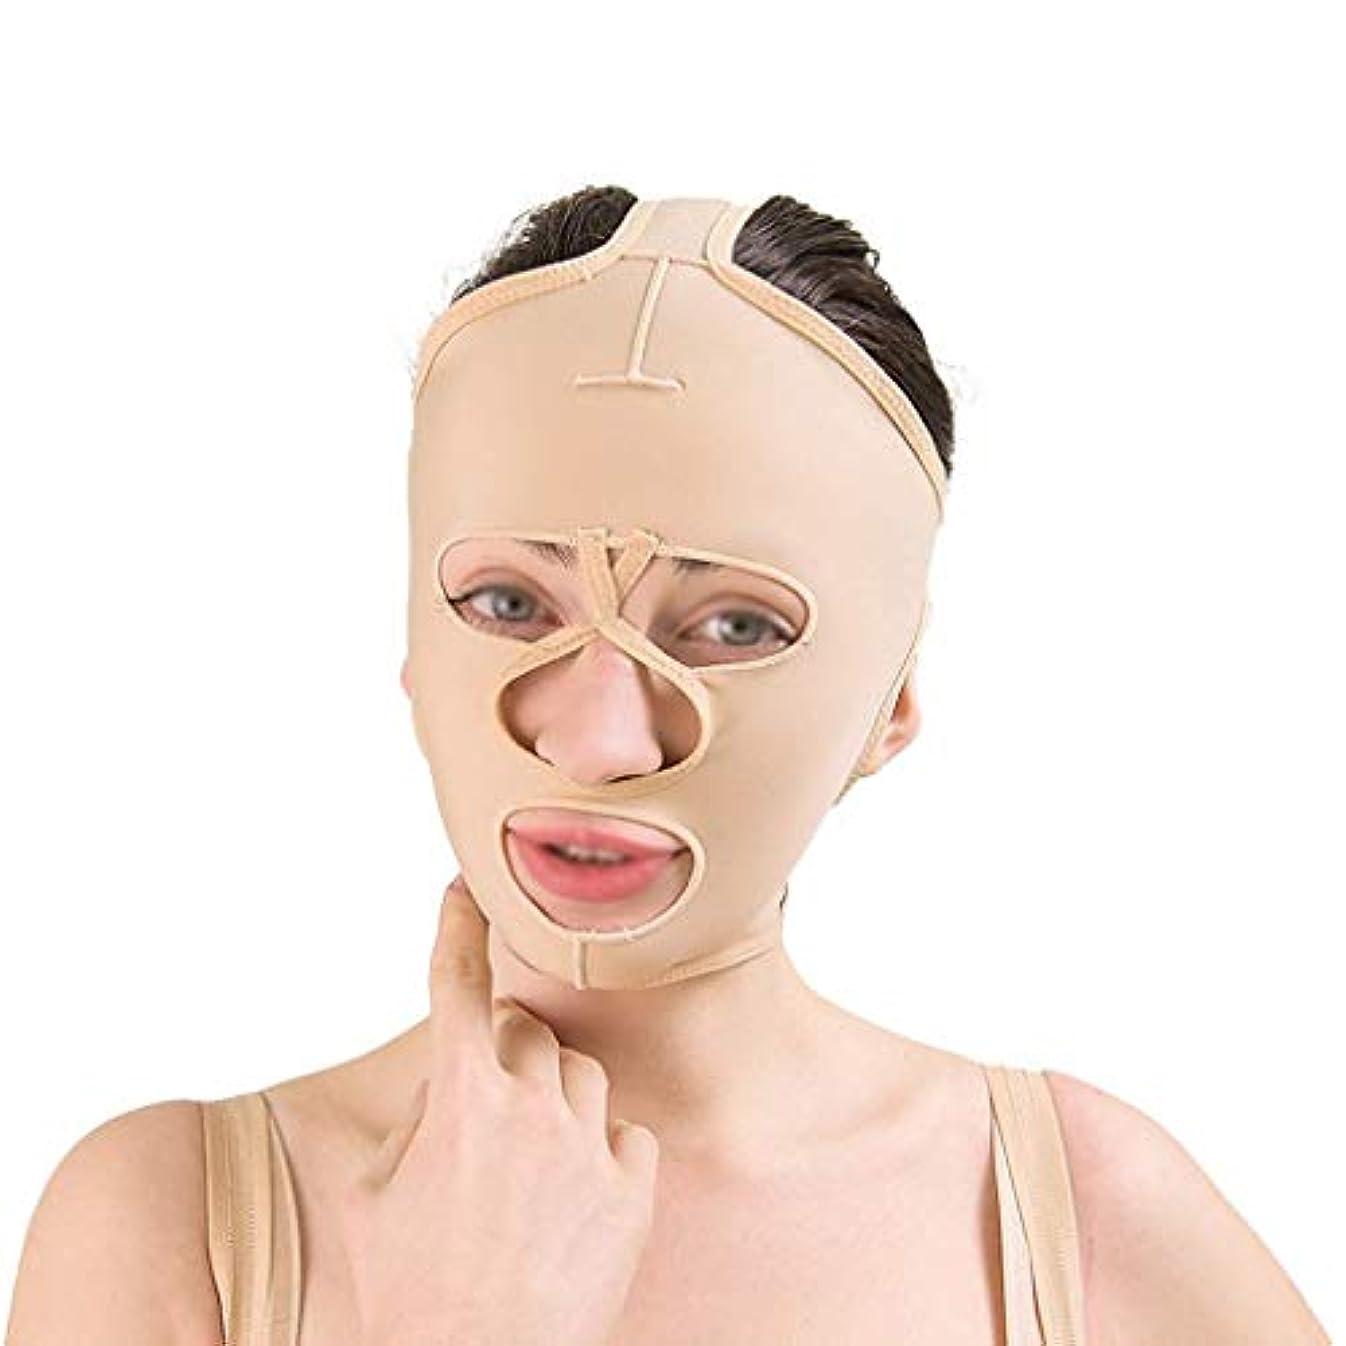 ミット受け入れたホイッスルフェイシャルリフティングツール、フェイシャルビューティーリフティングマスク、通気性引き締めリフティングフェイシャル包帯、フェイシャルタイトバンデージ(サイズ:L),M